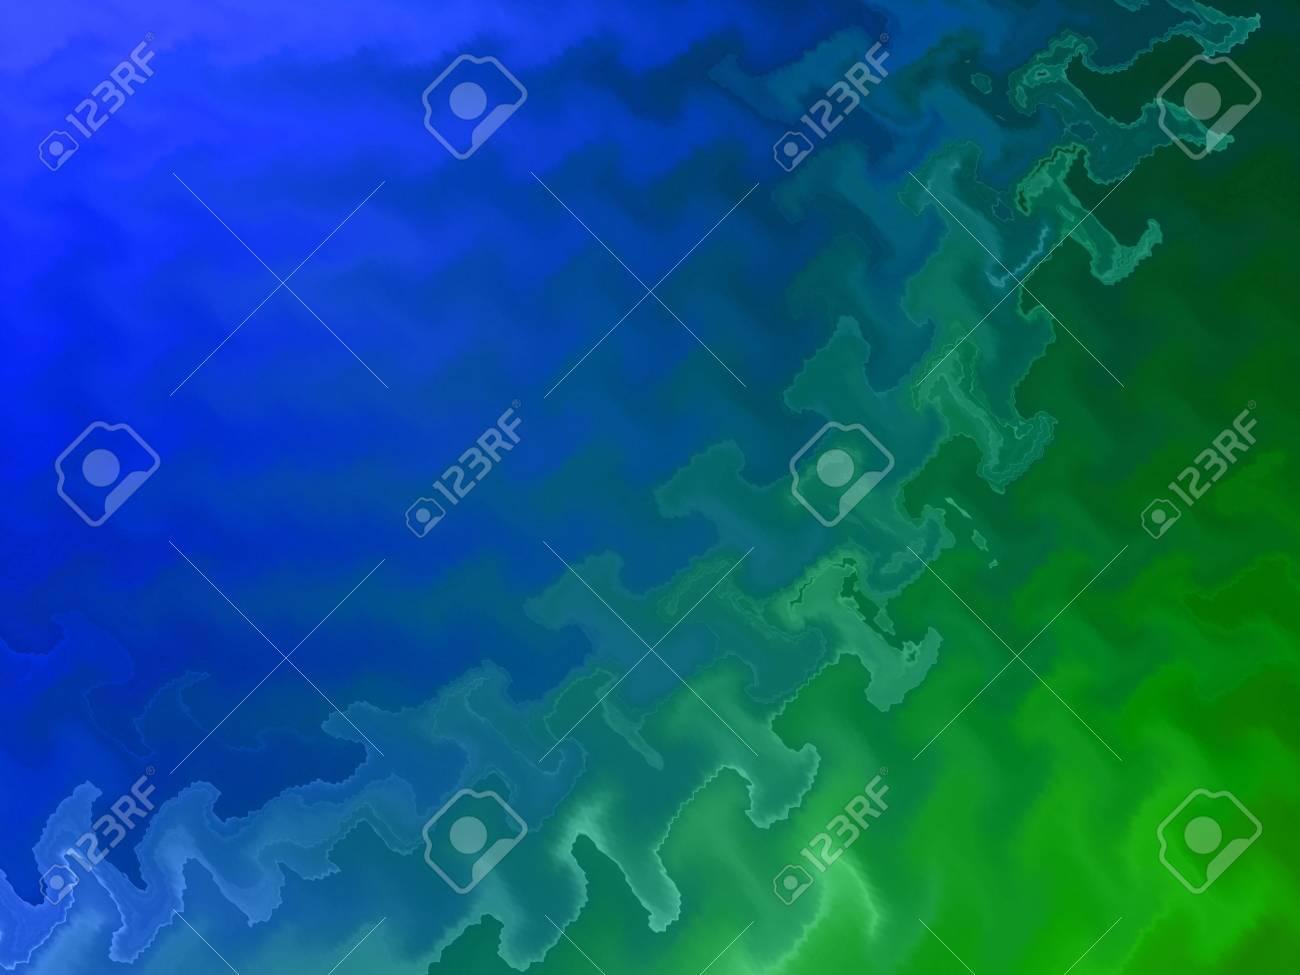 Immagini Stock Generato Sfondo Blu Verde Image 6188835